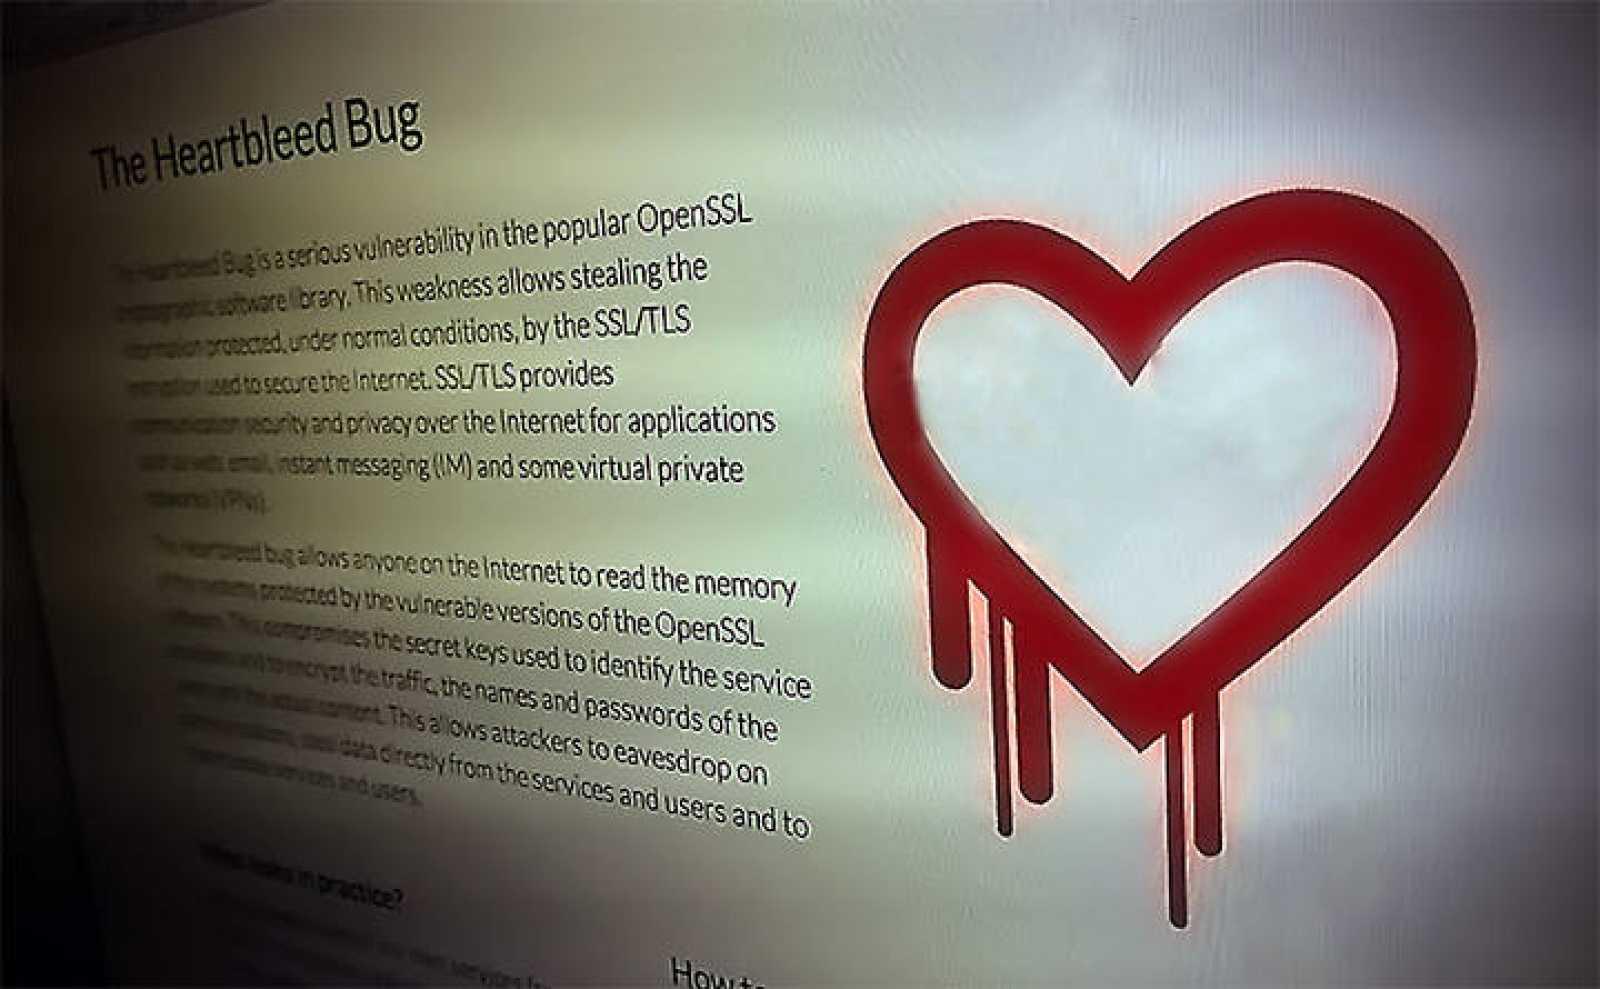 La página que habla del error Heartbleed.